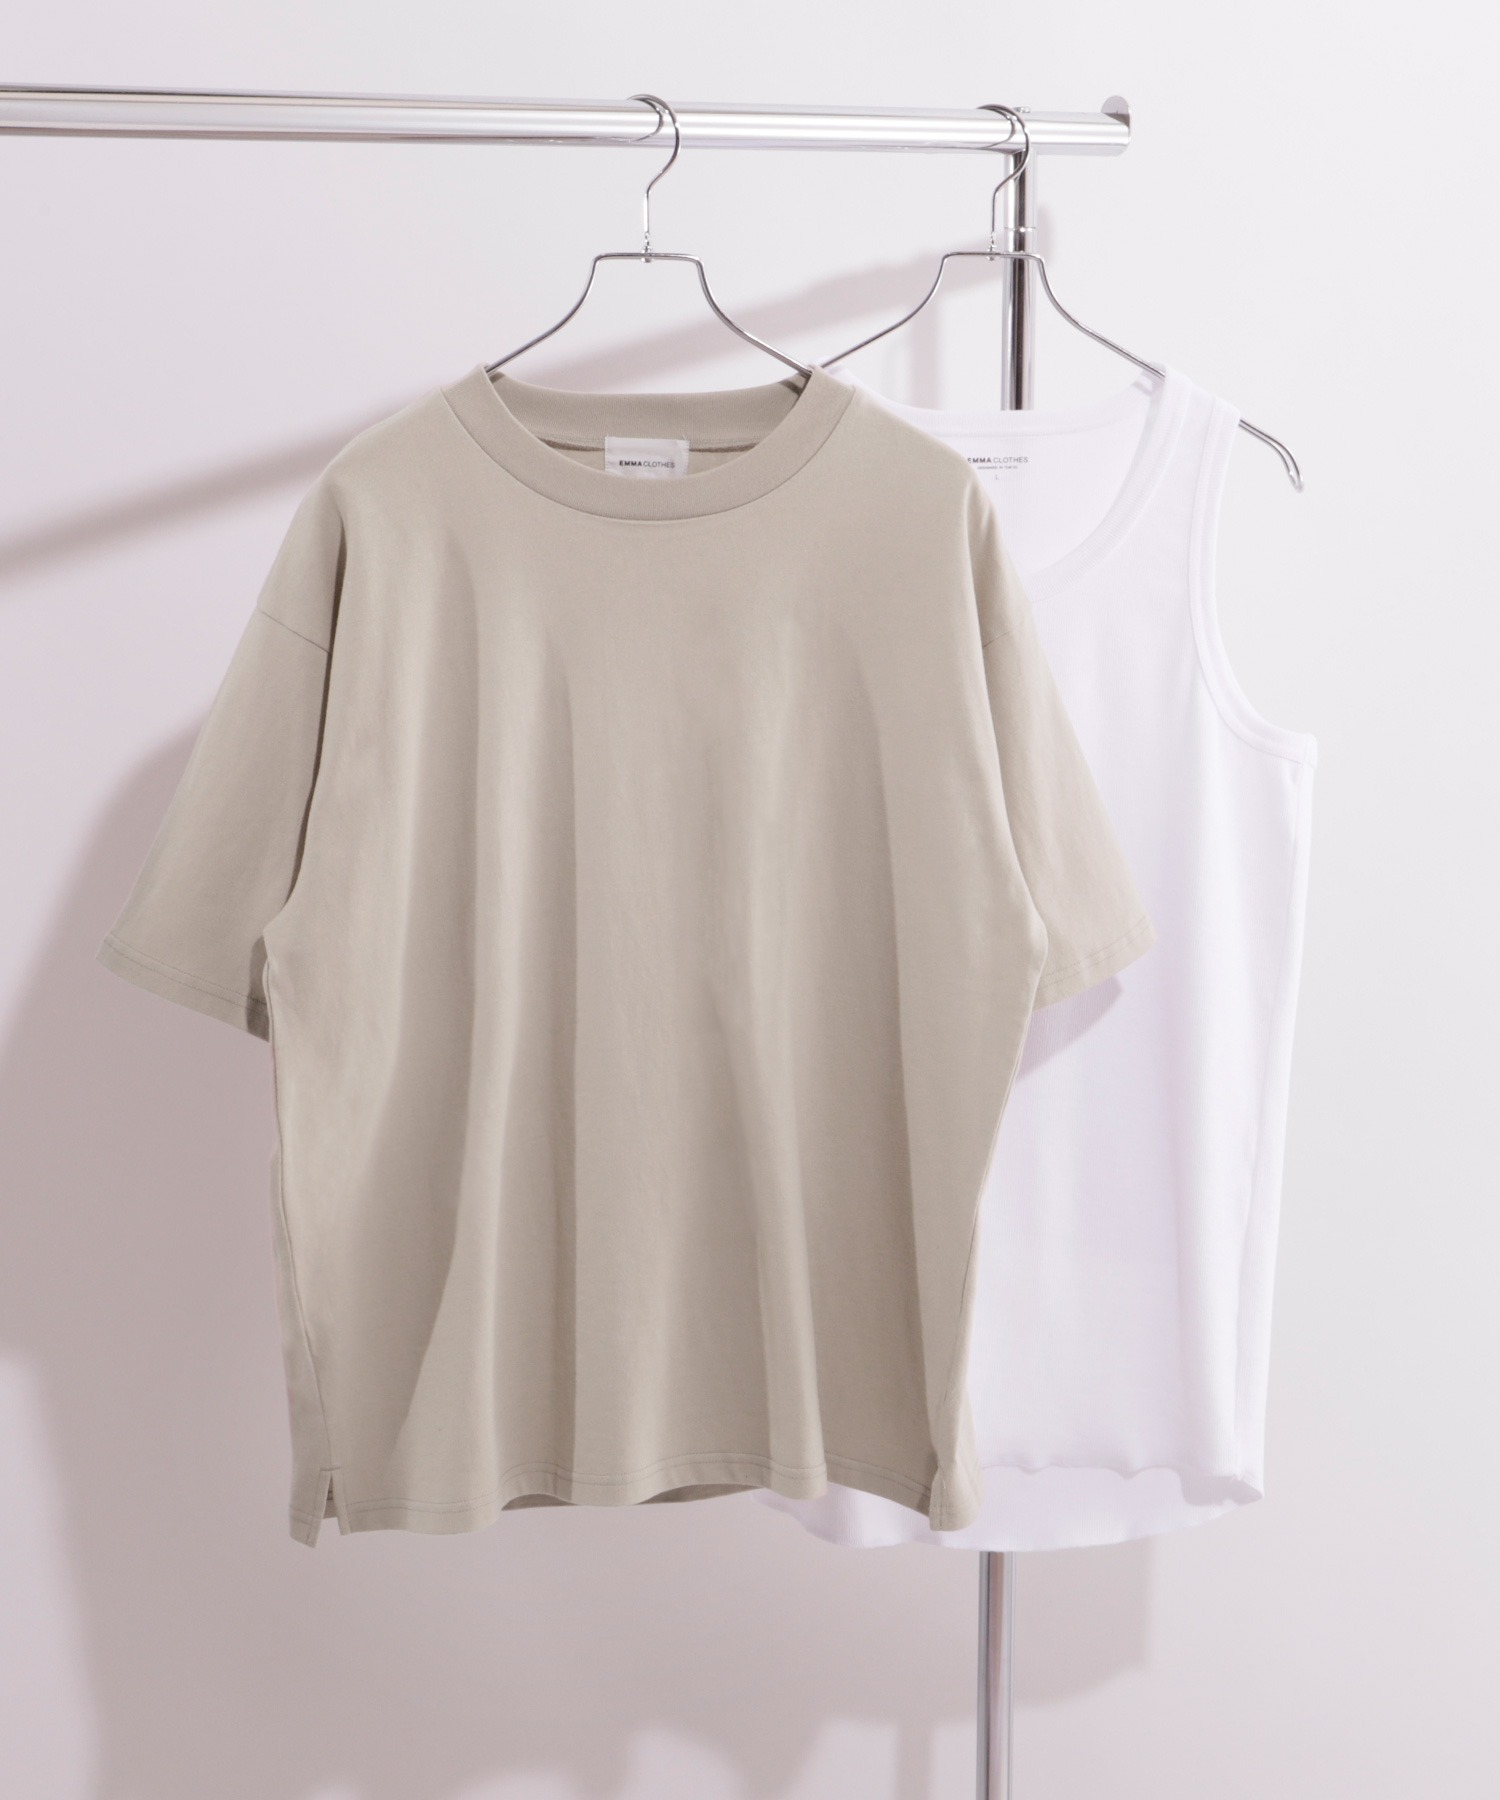 ヘビーウェイト ビッグシルエット クルーネック Tシャツ / ロング タンクトップ セット(EMMA CLOTHES)